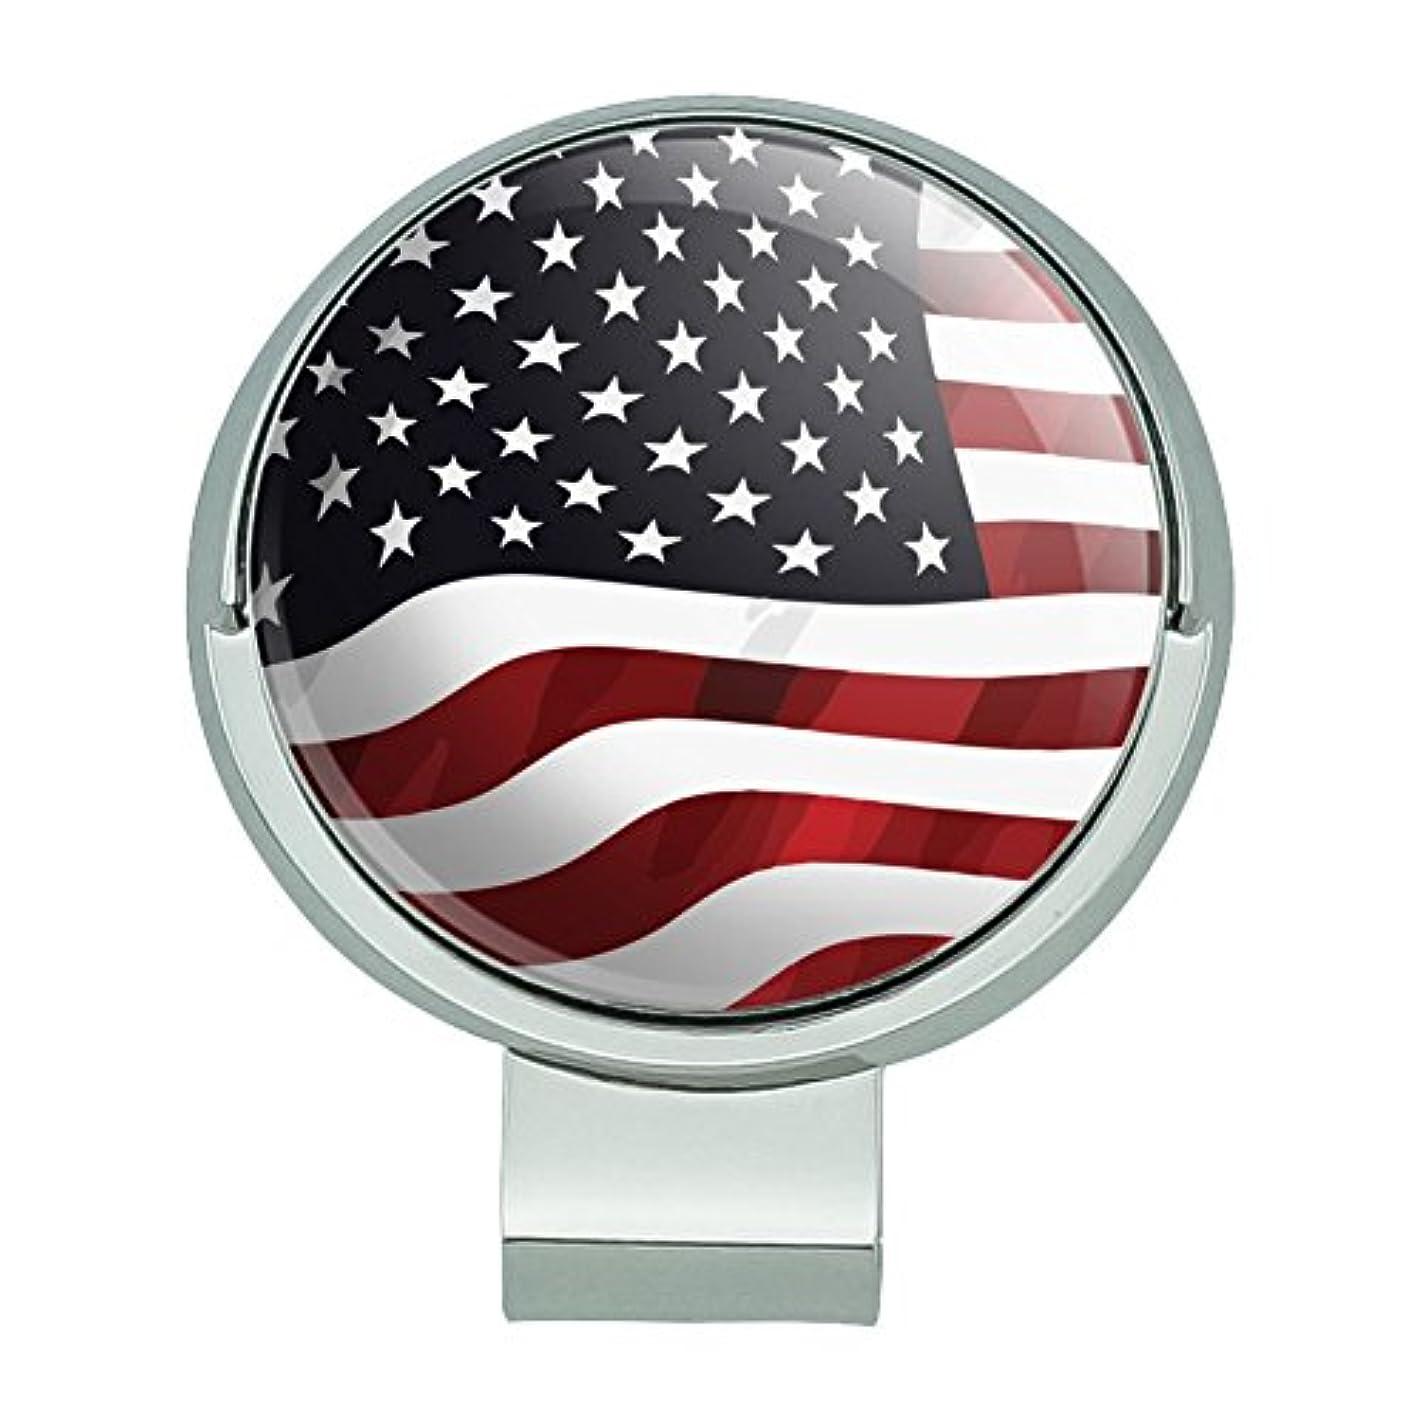 説明的たくさんスリチンモイアメリカアメリカの旗の星と縞磁気ボールマーカー付きゴルフハットクリップ